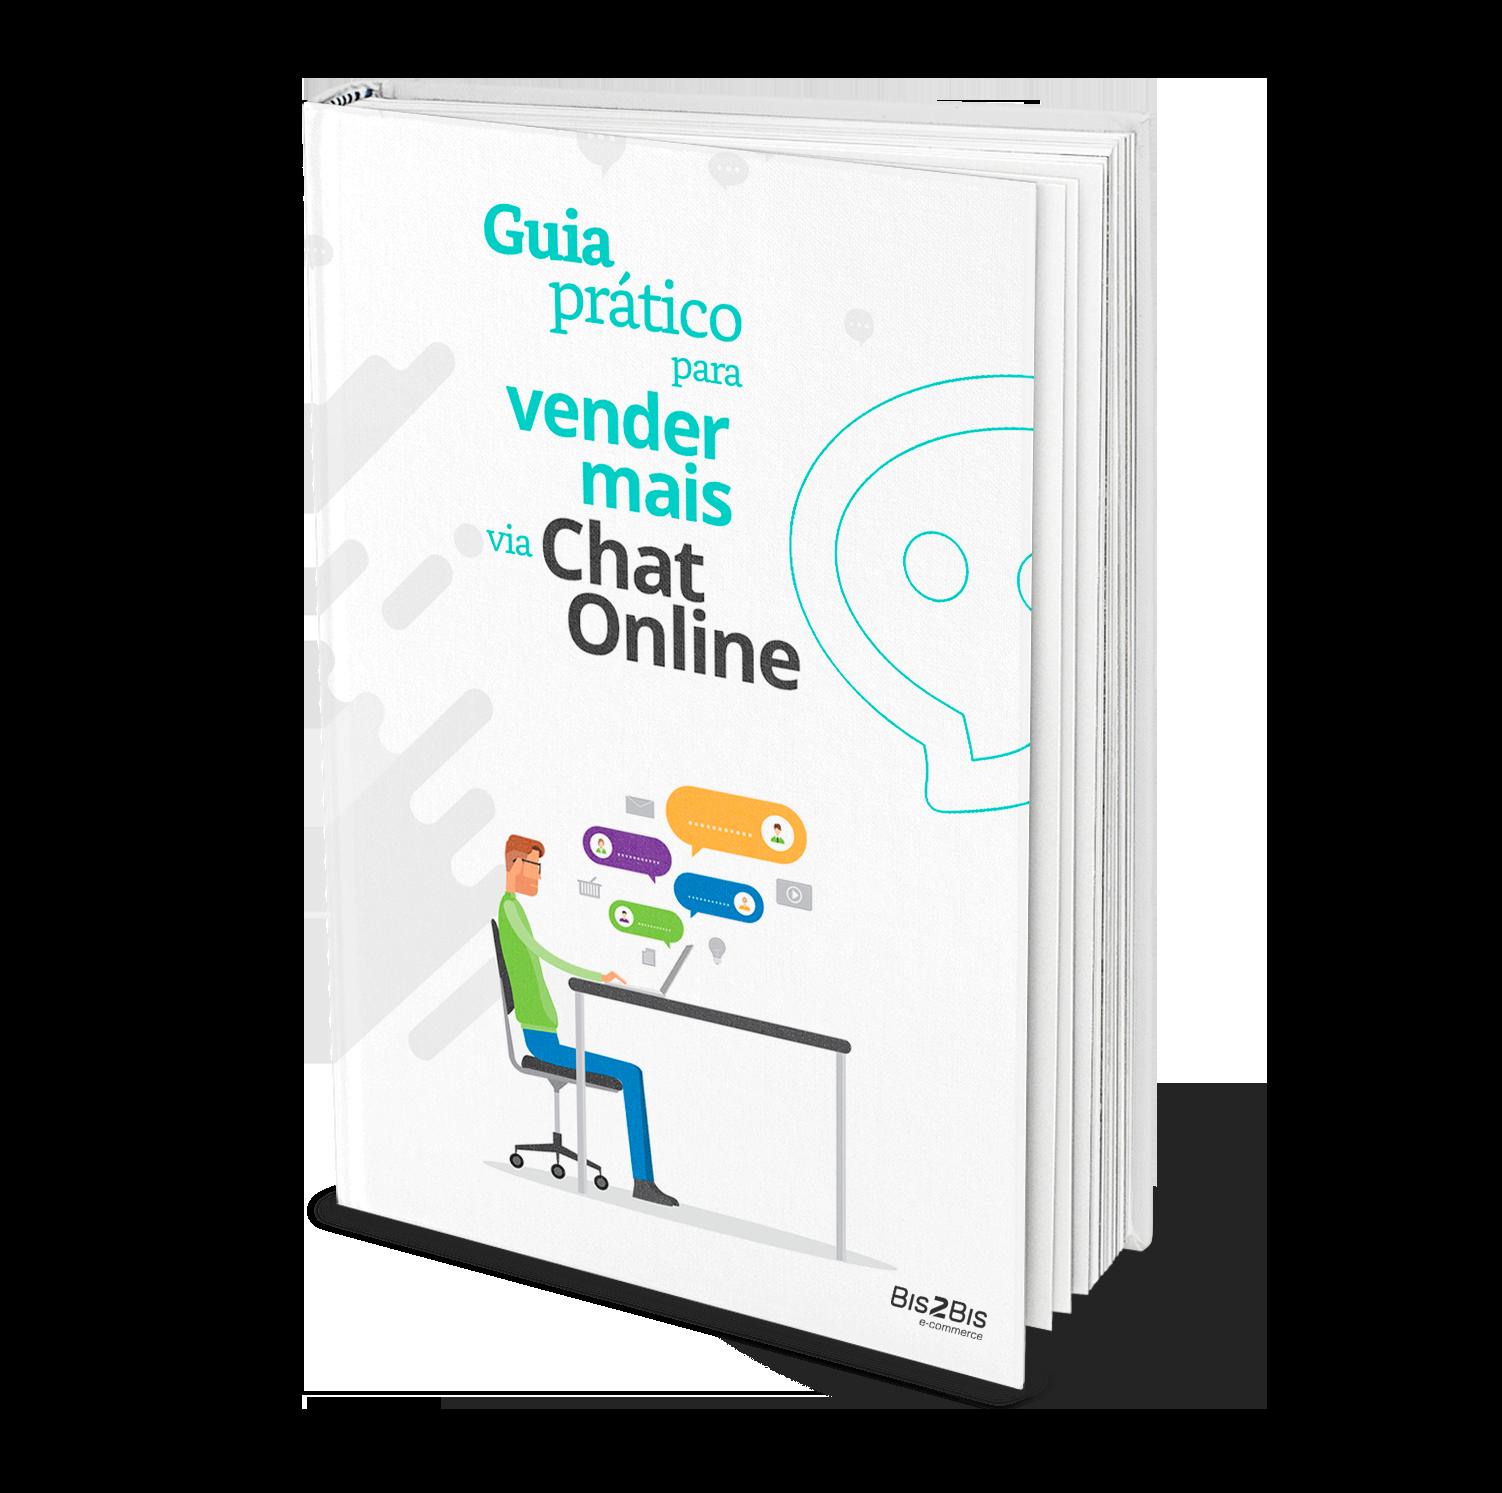 Guia prático para vender mais via chat online